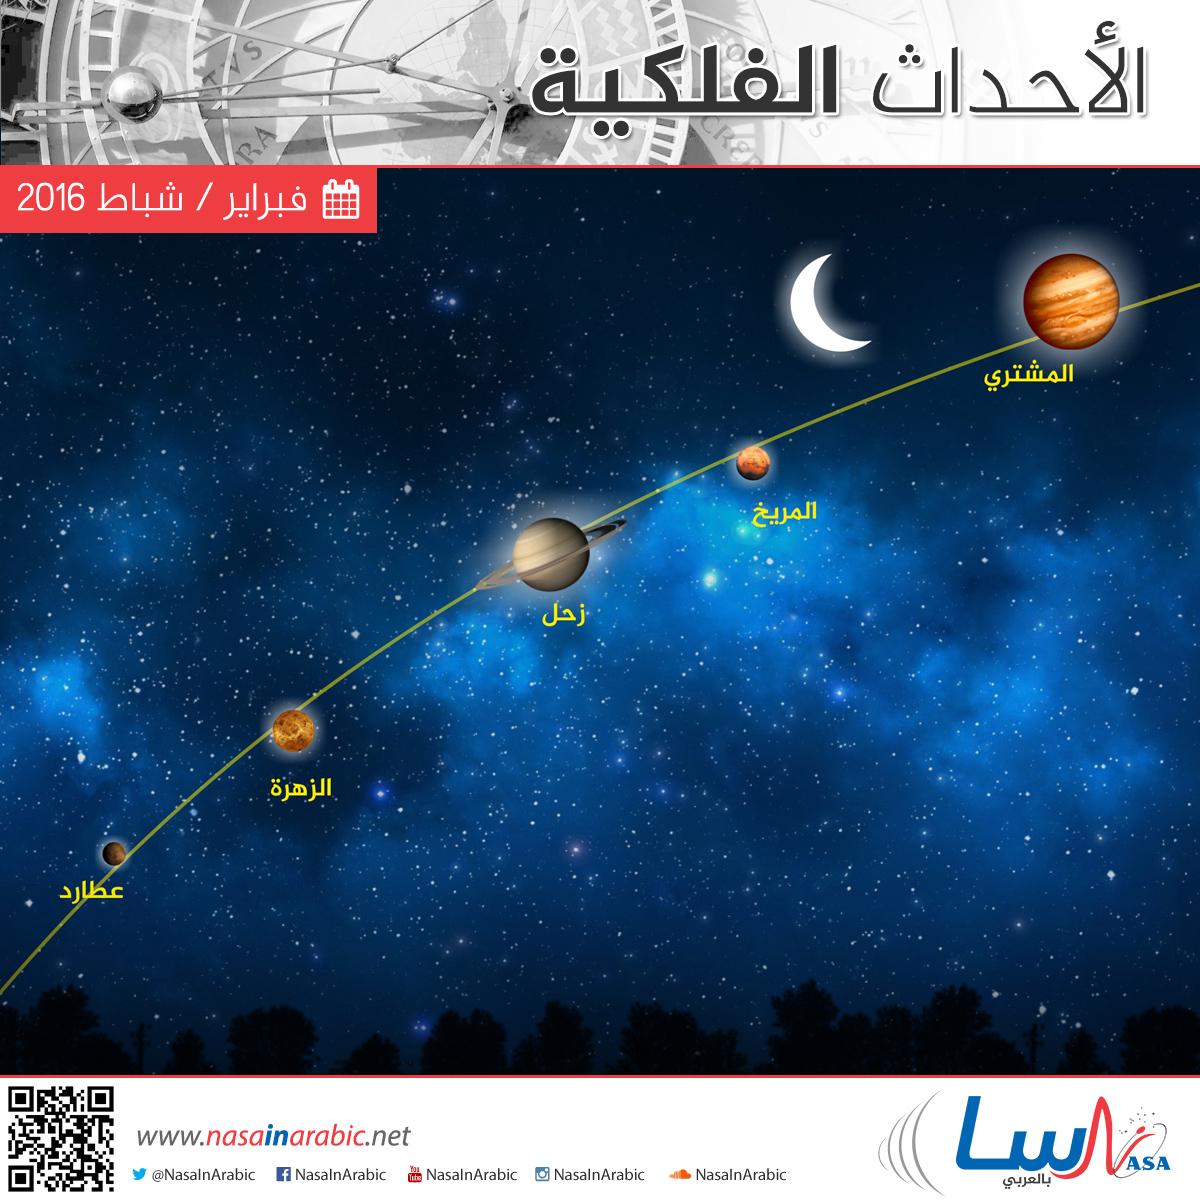 أهم الأحداث الفلكية خلال شهر فبراير/شباط 2016